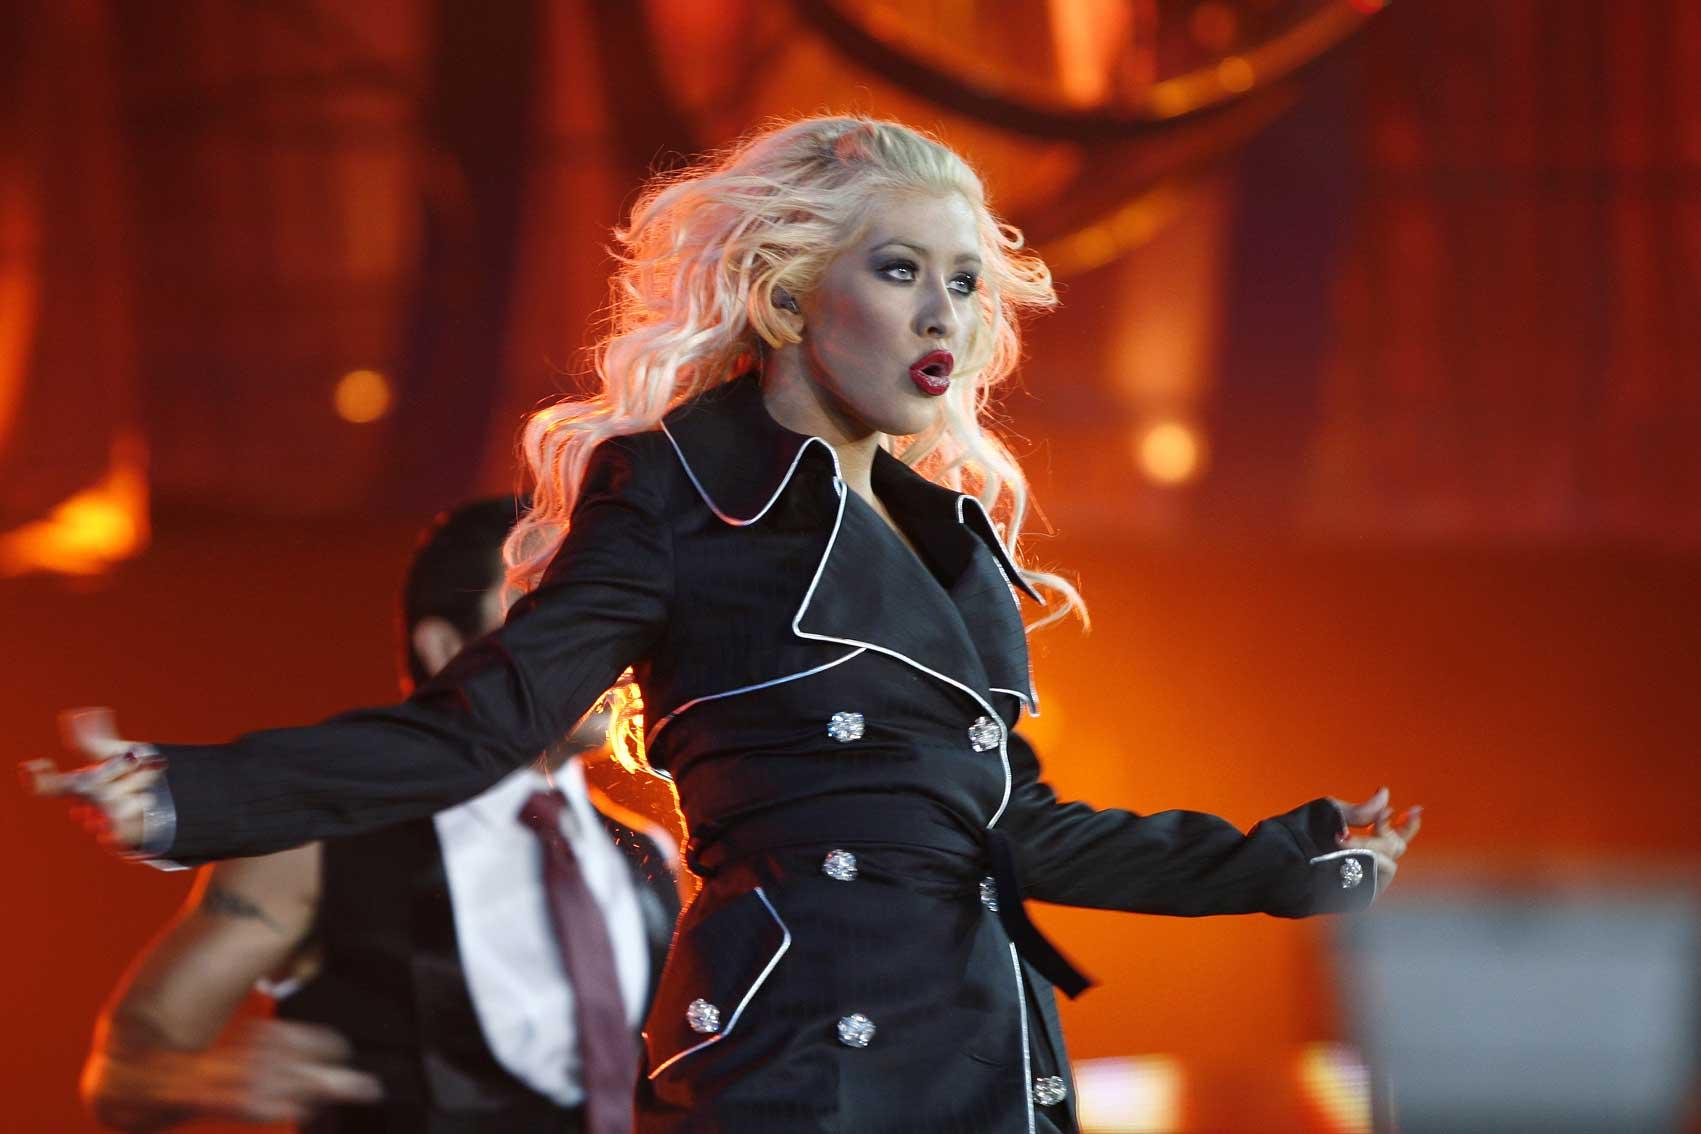 Кристина Агилера в Санкт-Петербурге упала во время концерта: видео как упала, как выглядит сейчас, википедия